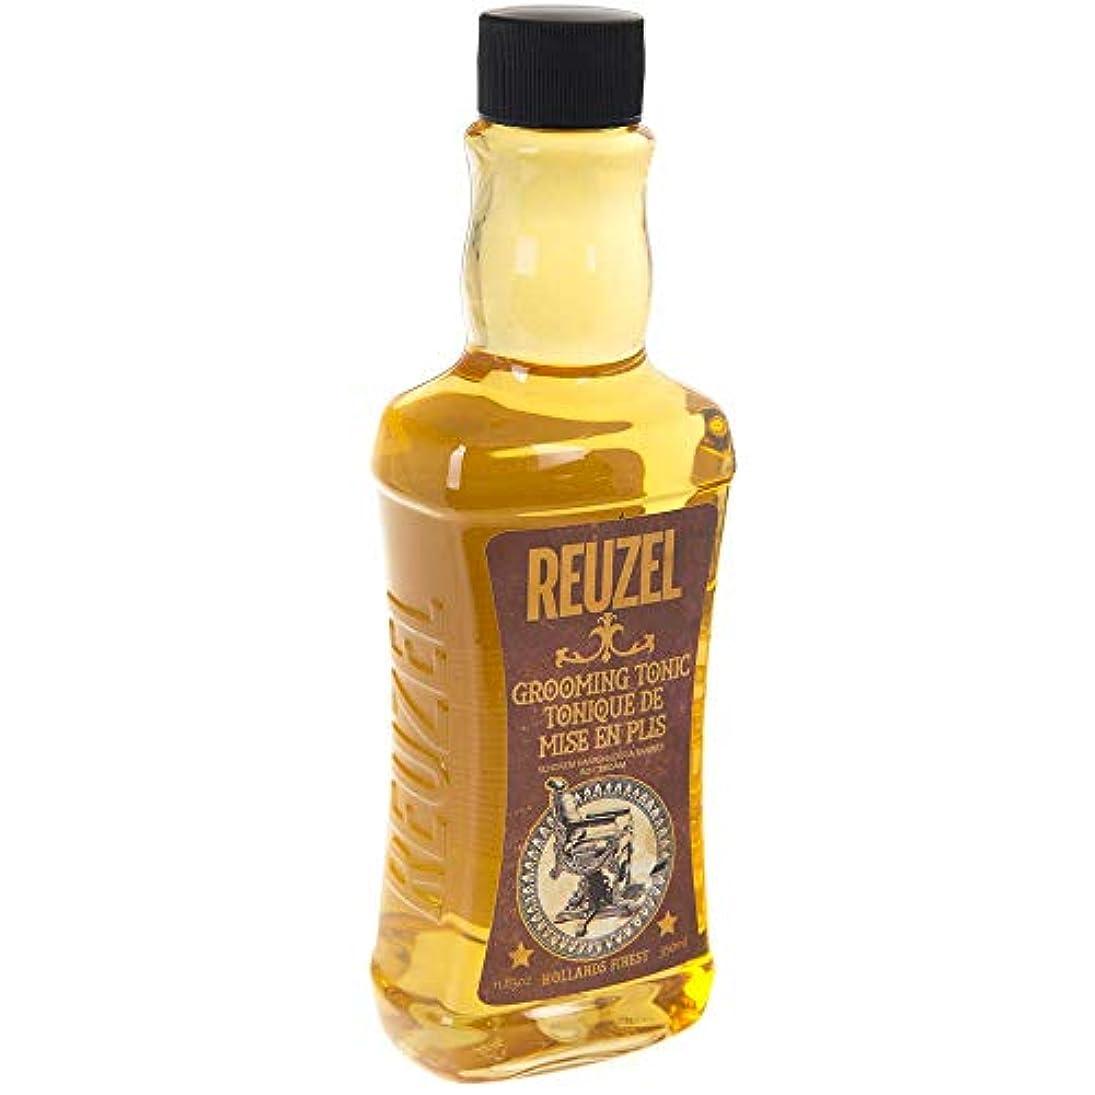 編集者再生的排泄物ルーゾー グルーミング トニック Reuzel Grooming Tonic 350 ml [並行輸入品]